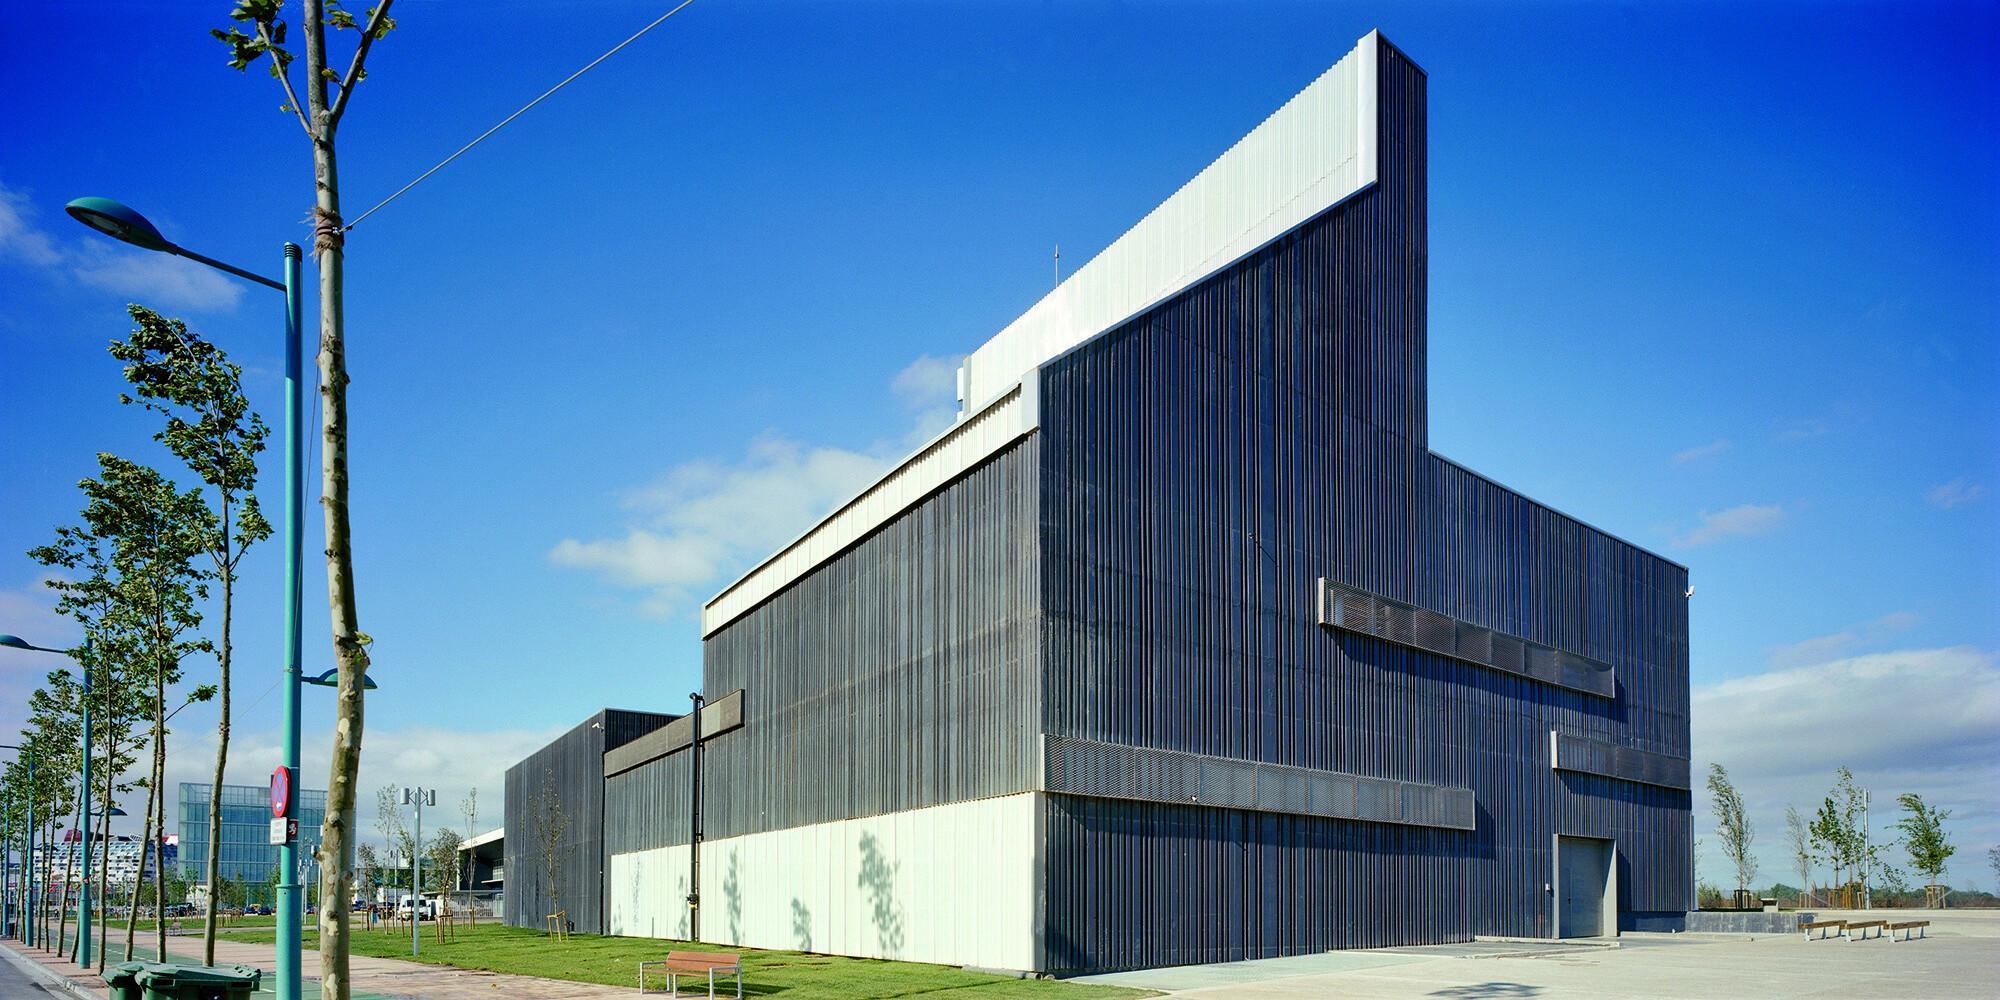 D.H.C Energy Production Center